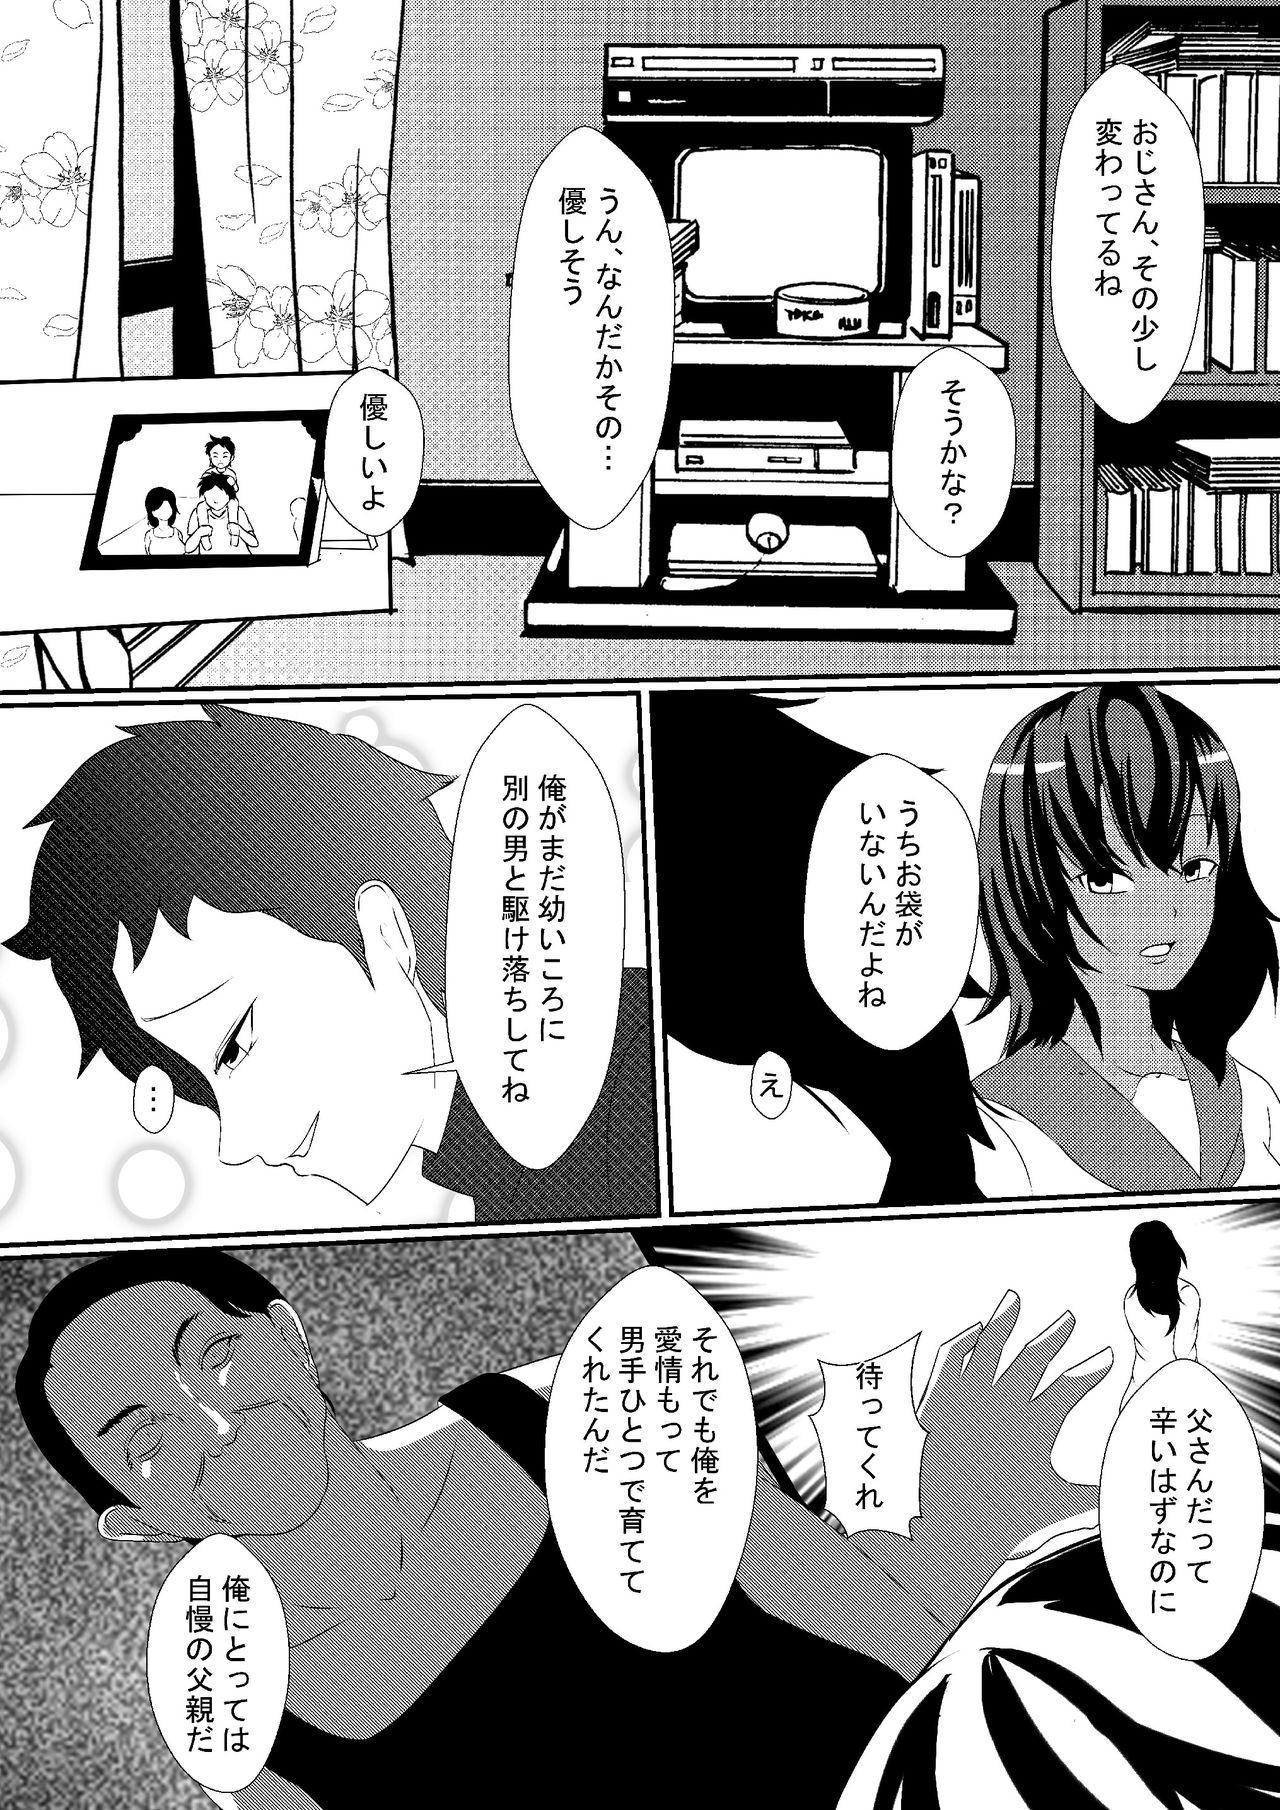 Musuko no Kanojo o Netoru Chichioya 4